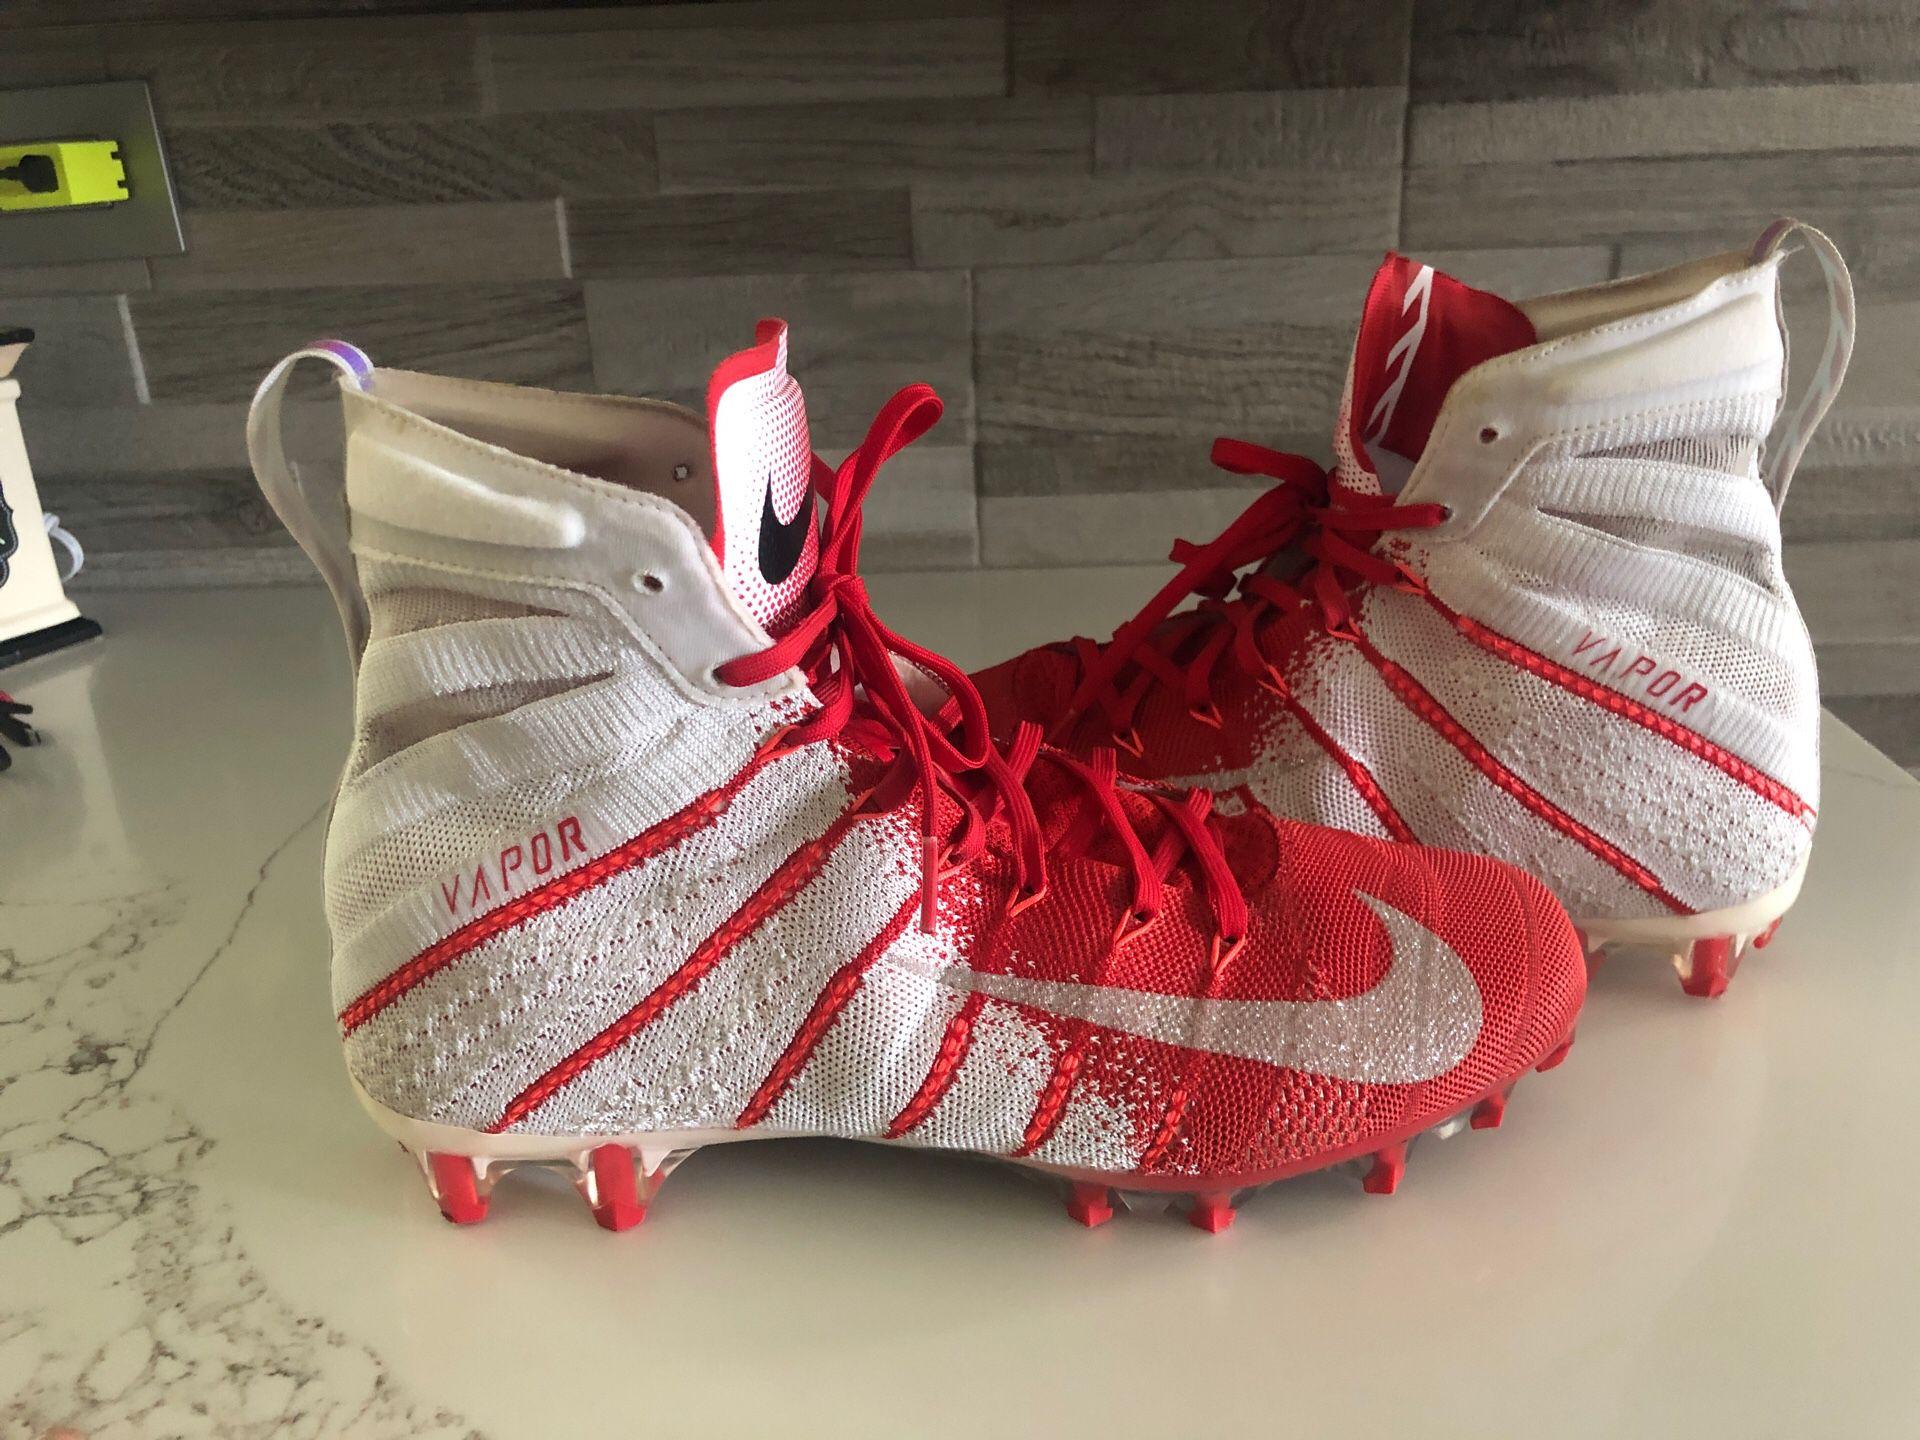 Football cleats NIKE Vapor Untouchables elite 3 2018